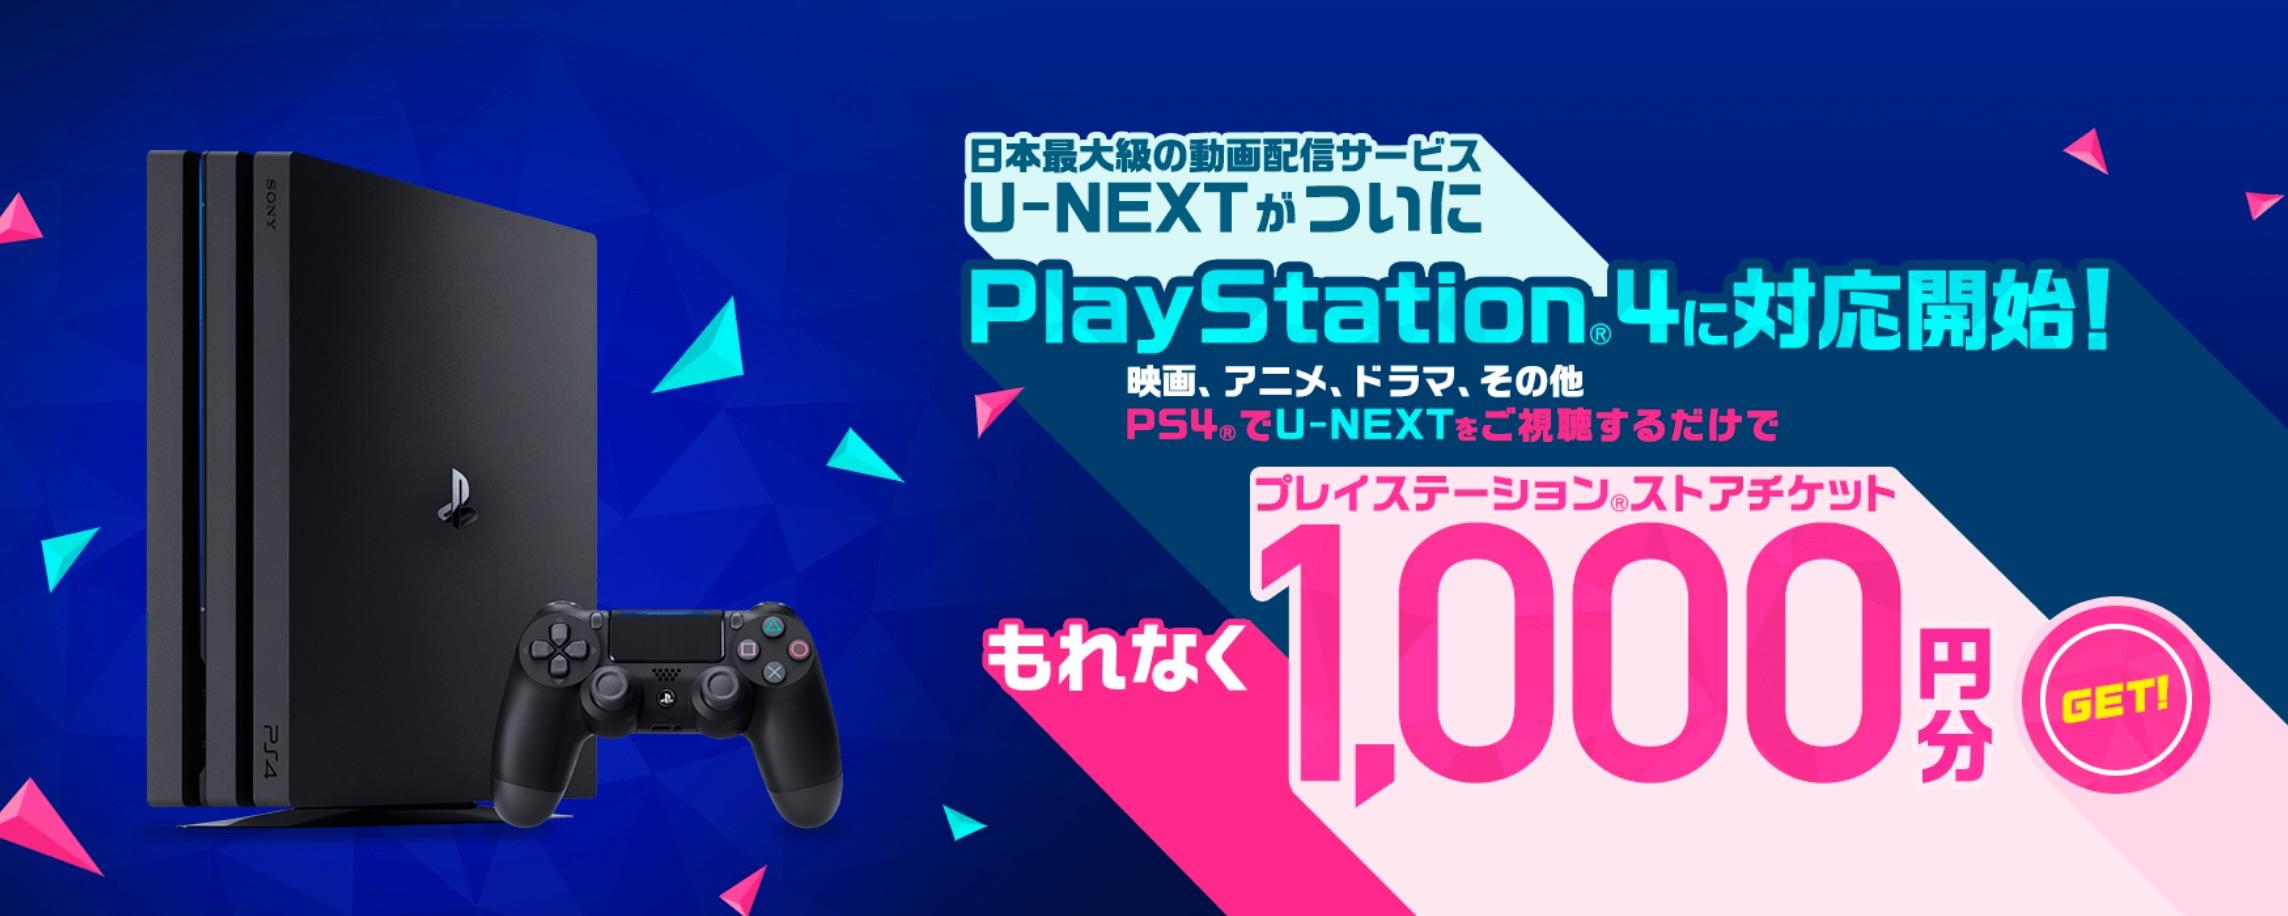 U-NEXT-PS4キャンペーン